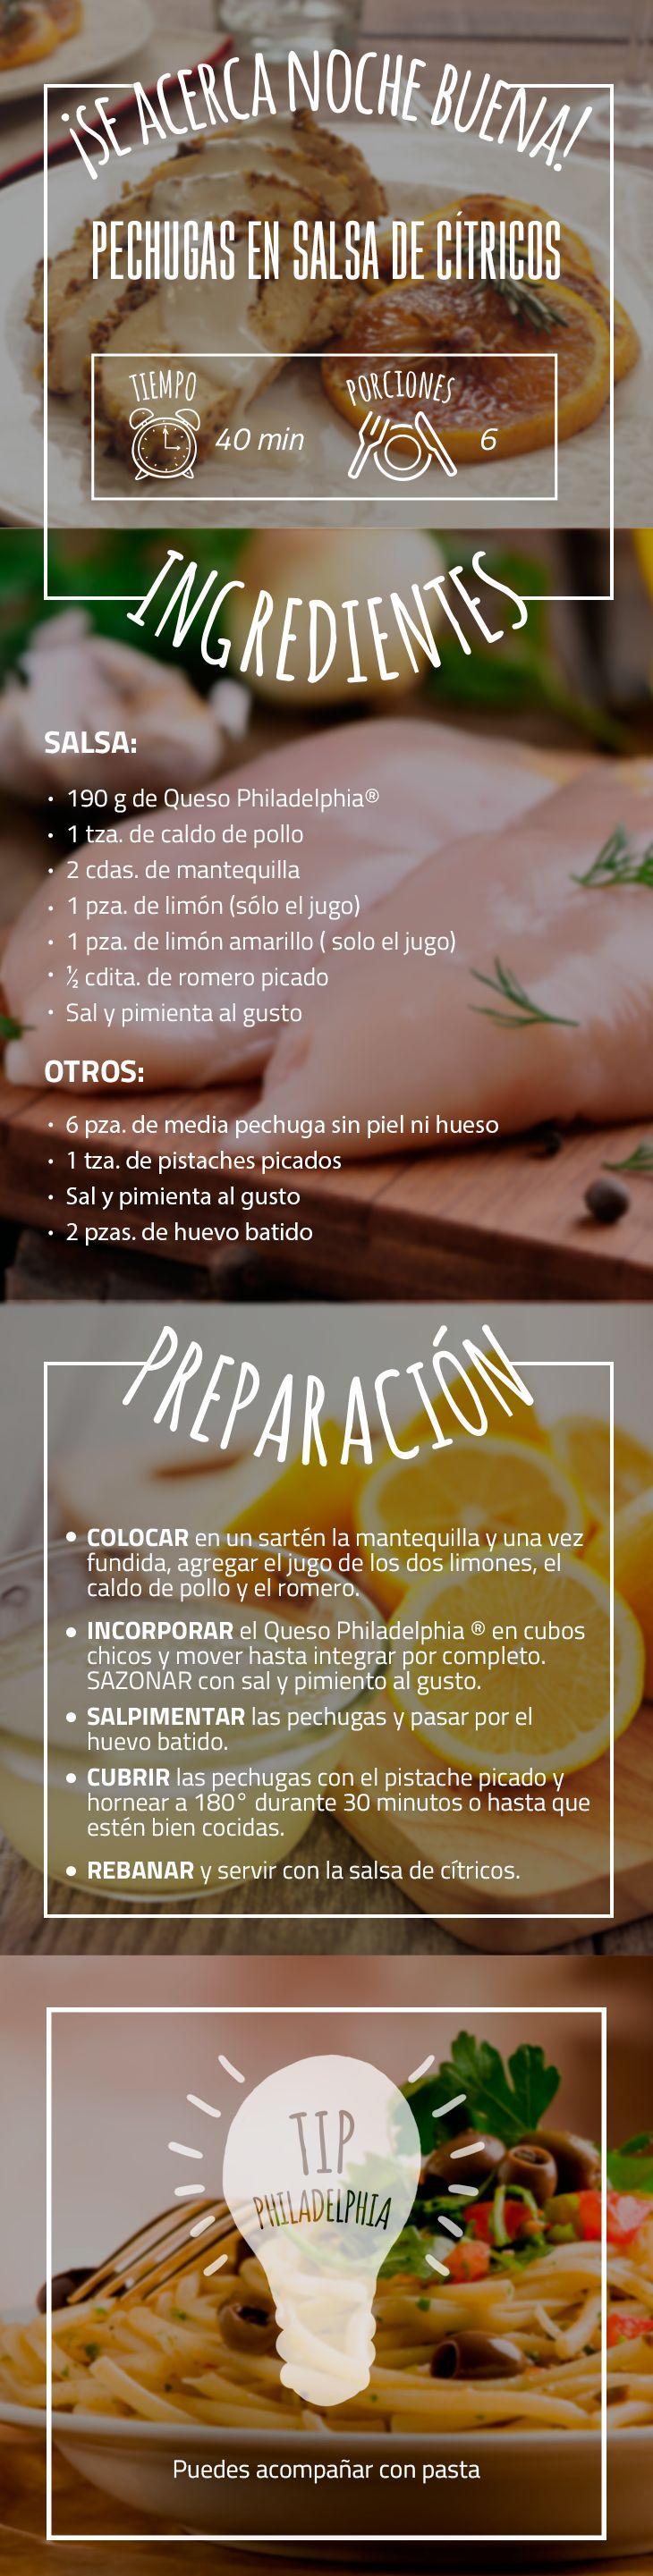 Sorprende a todos en la mesa con esta deliciosa receta navideña. #cena #pechugas #salsadecitricos #naranjas #cenadenavidad